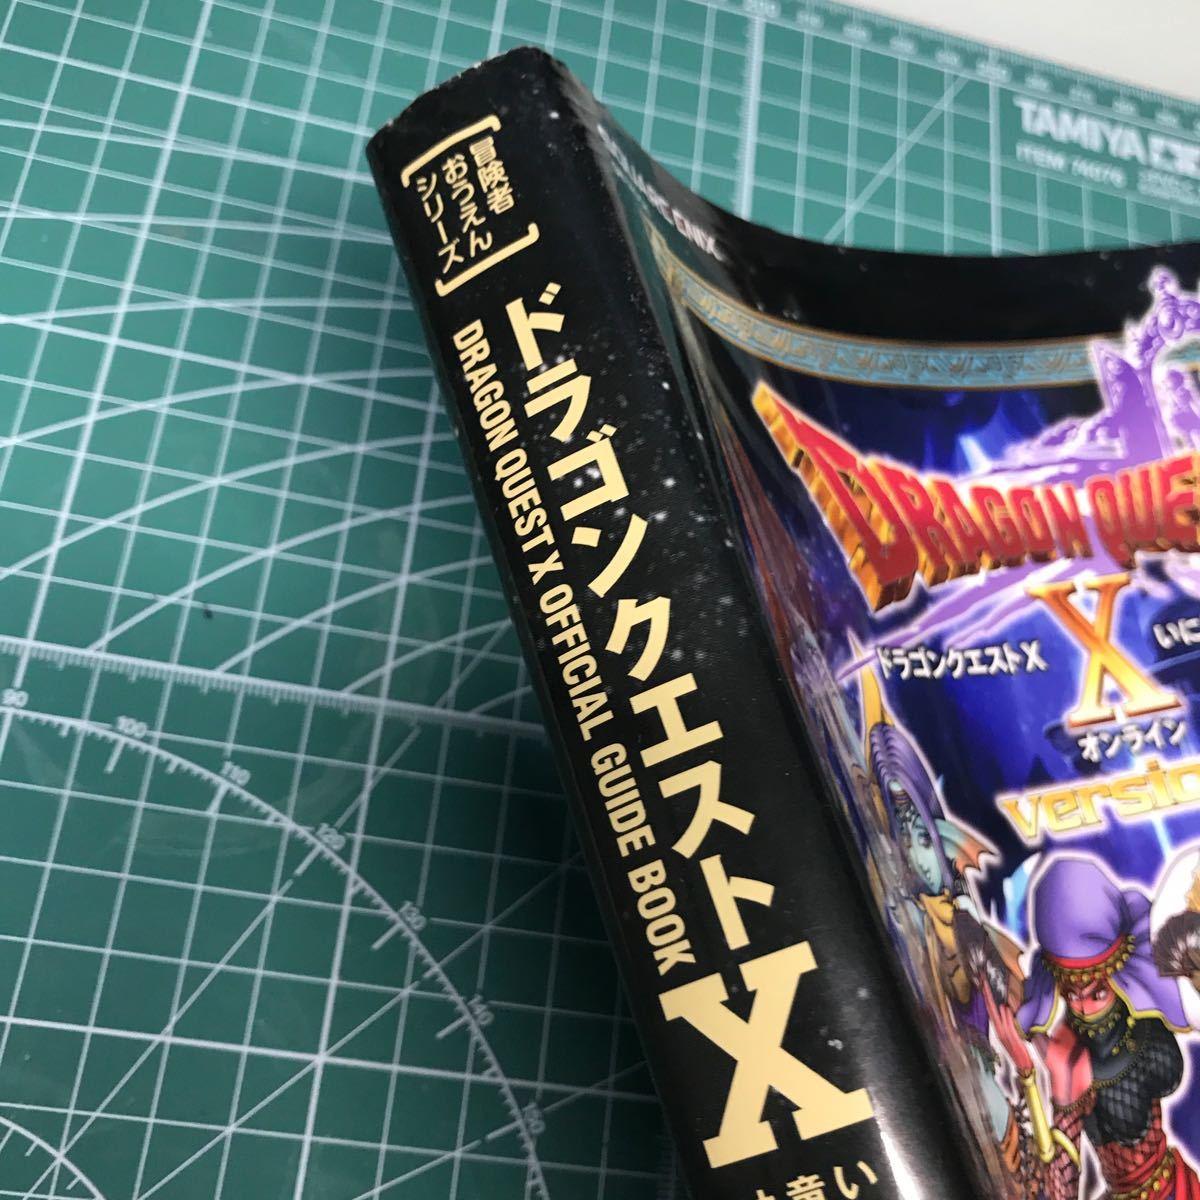 ドラゴンクエストXいにしえの竜の伝承オンライン公式ガイドブックバージョン3.3〈後期〉闇の領界+職業